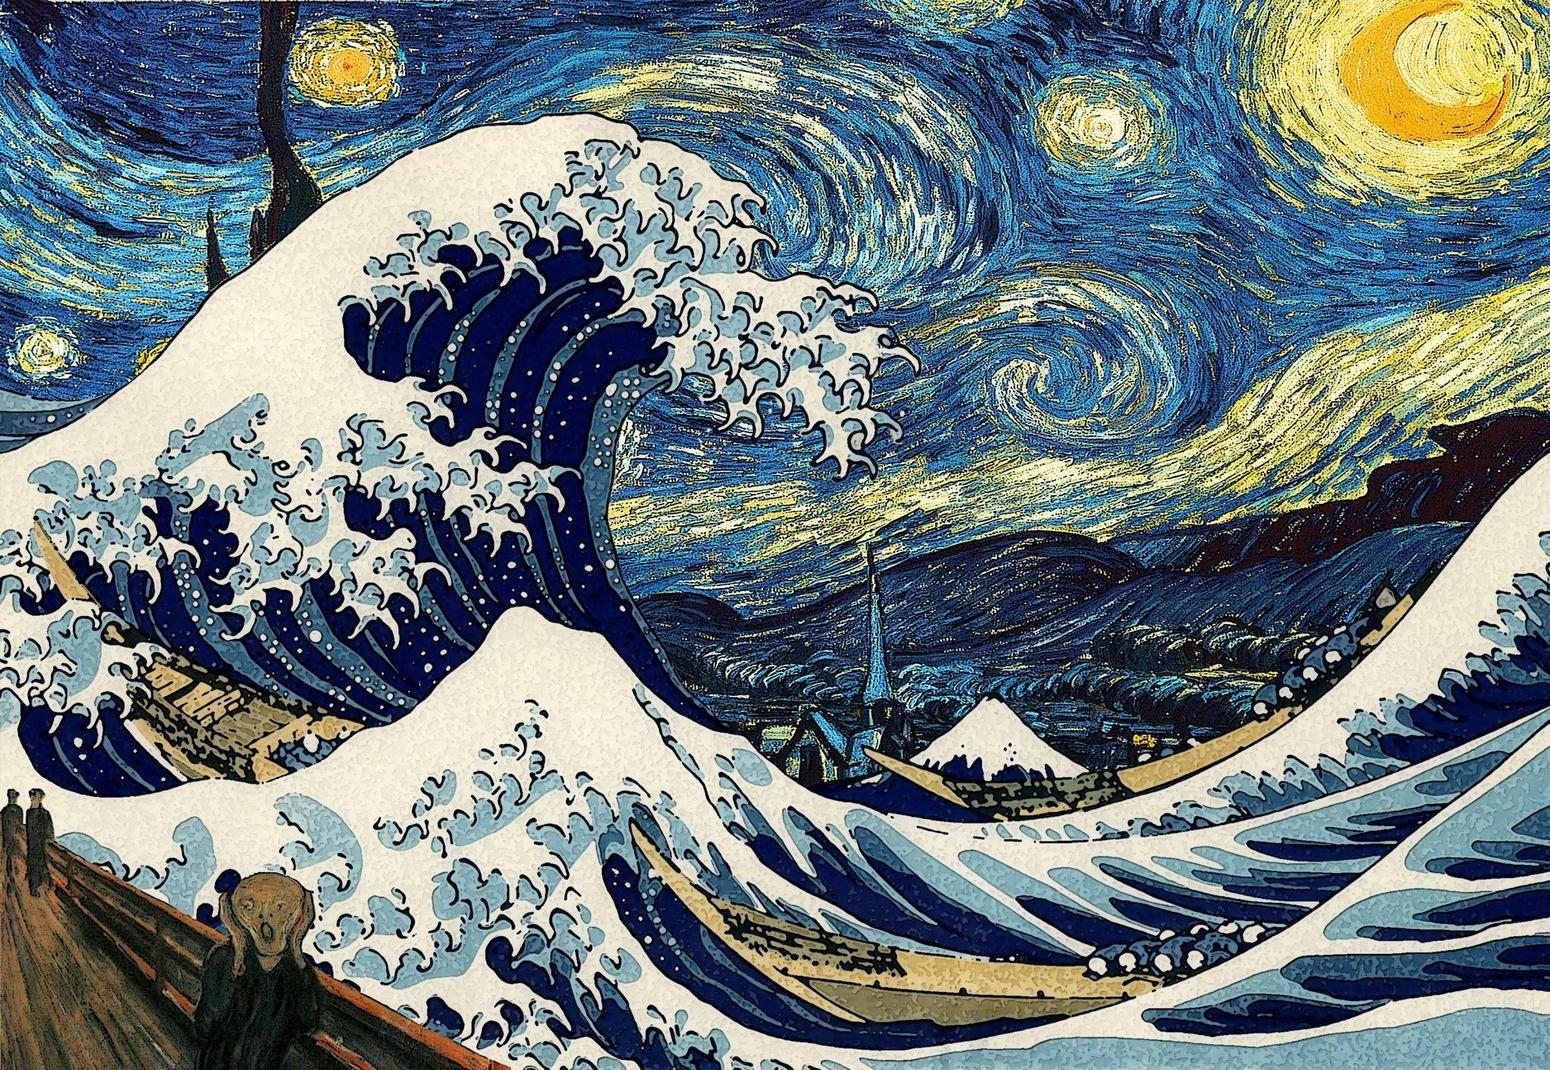 Животные, японская картинка волны